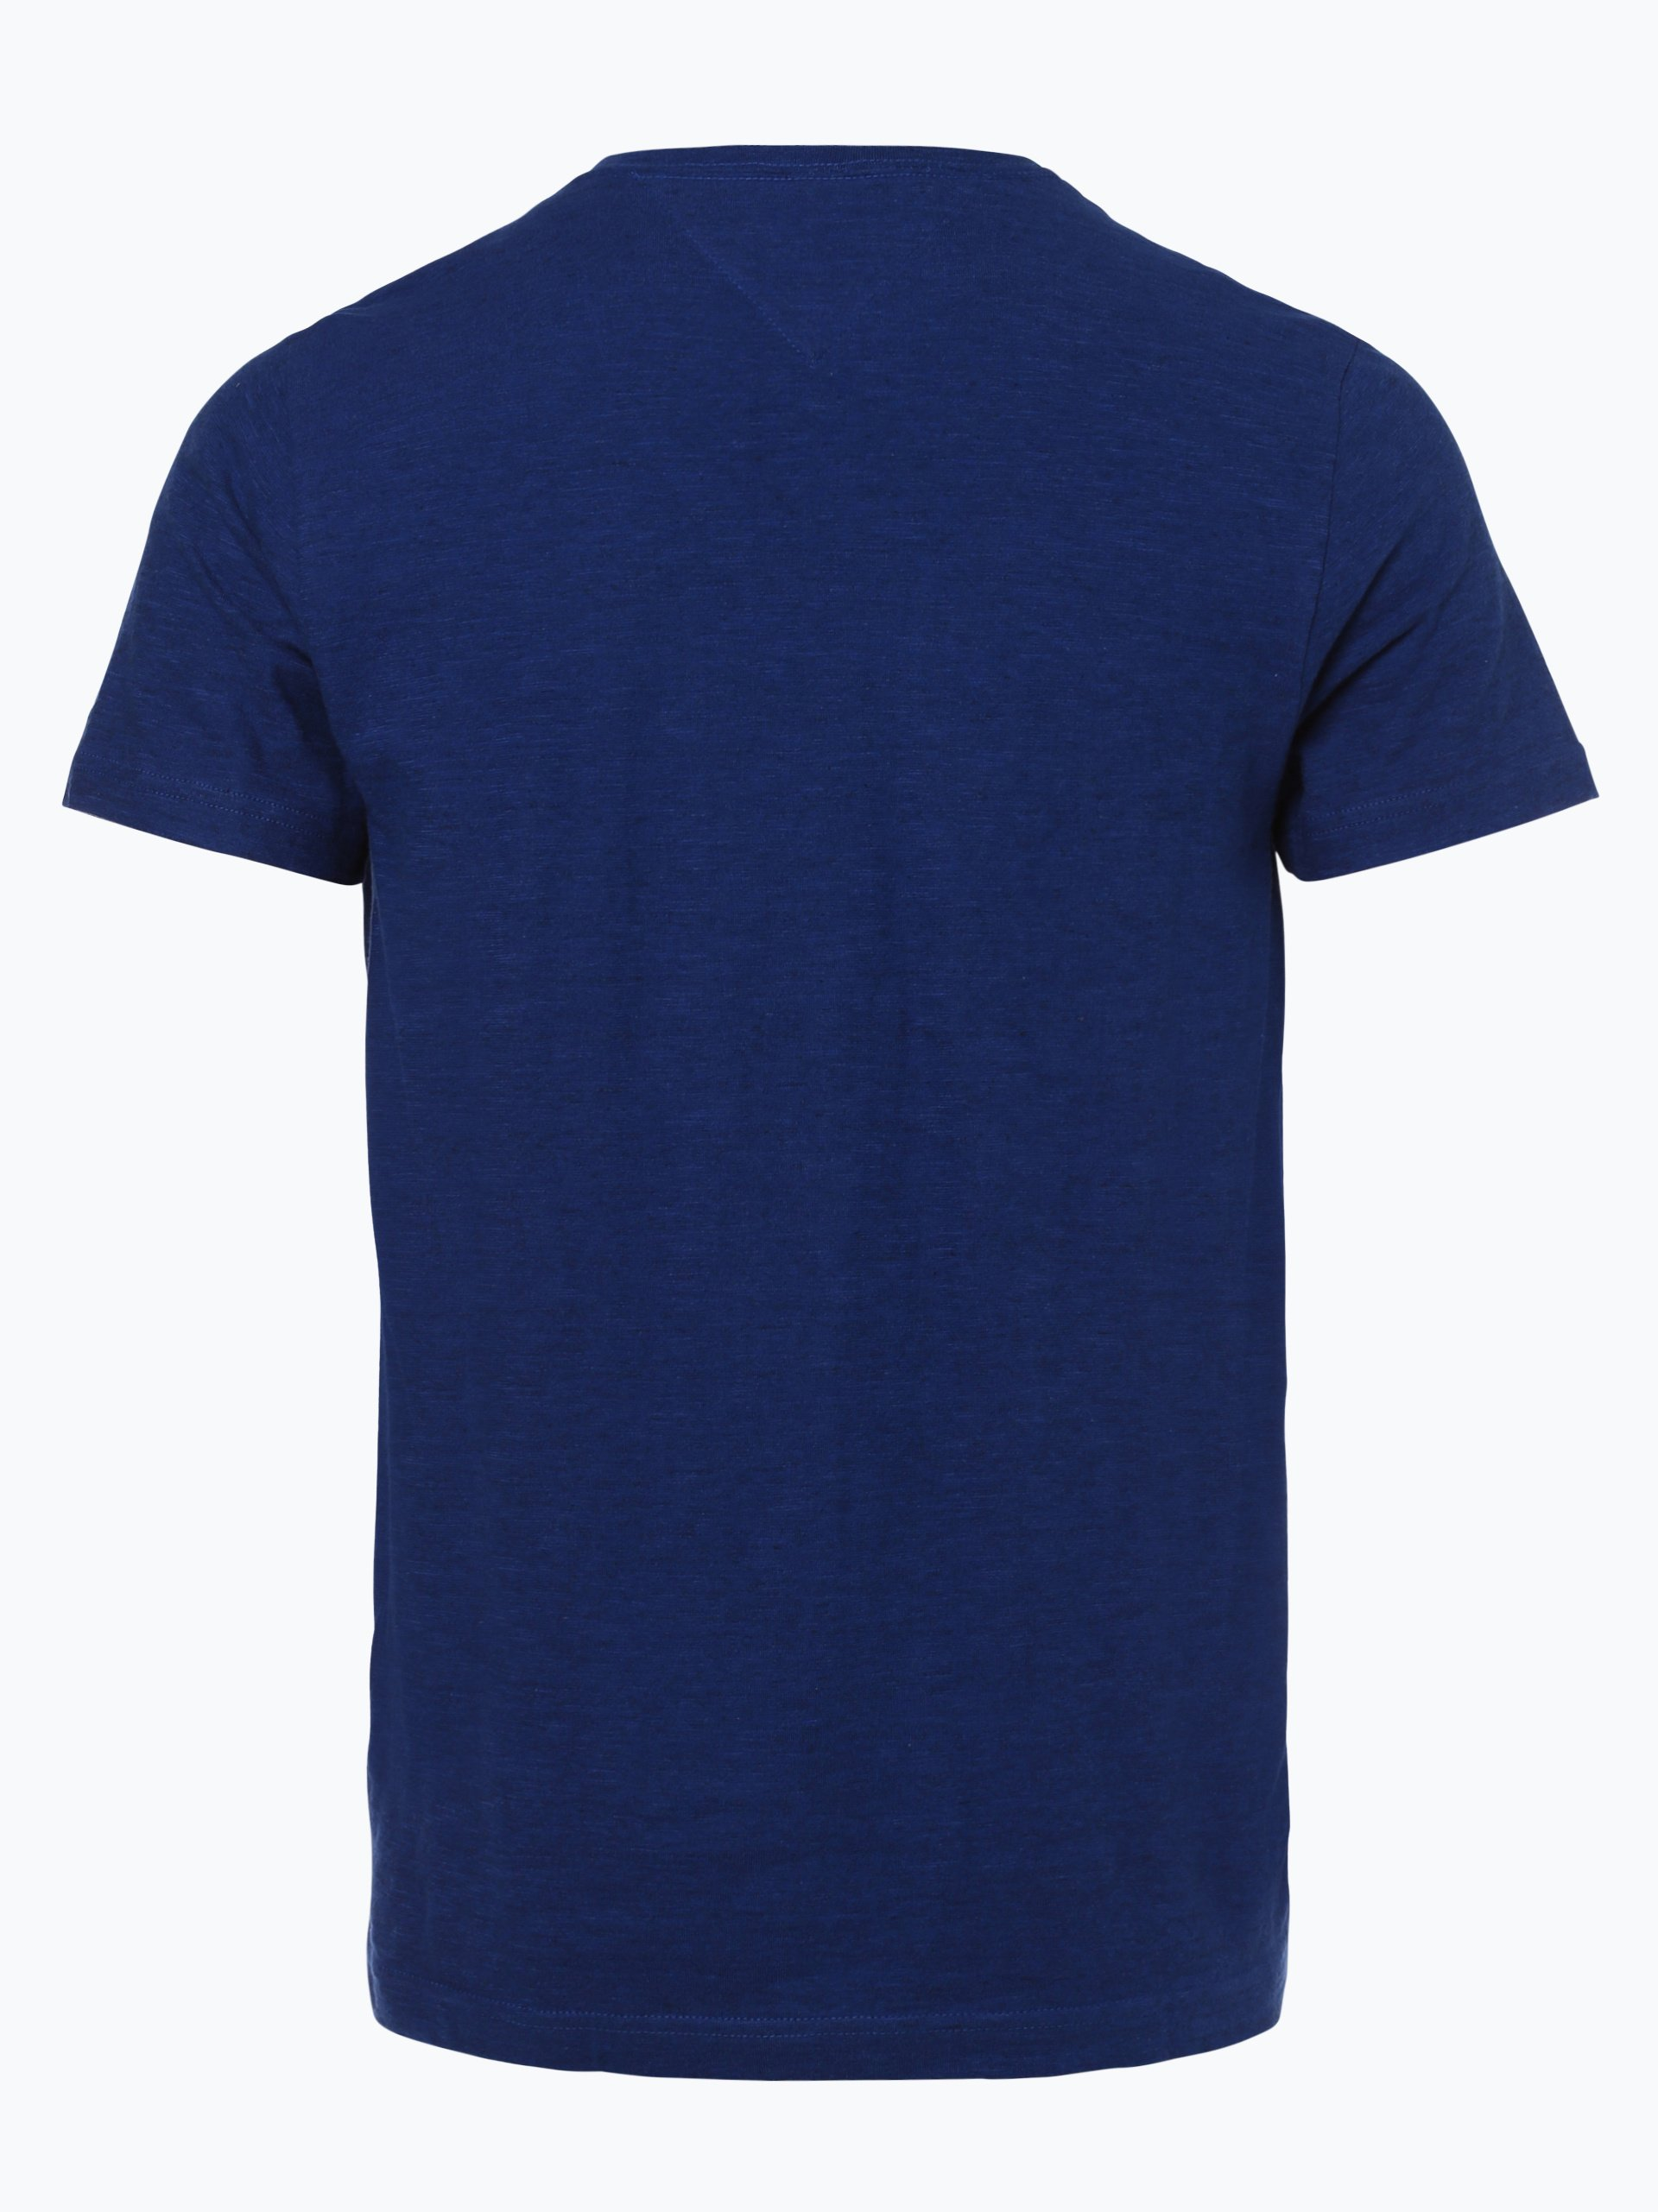 tommy hilfiger herren t shirt blau uni online kaufen vangraaf com. Black Bedroom Furniture Sets. Home Design Ideas